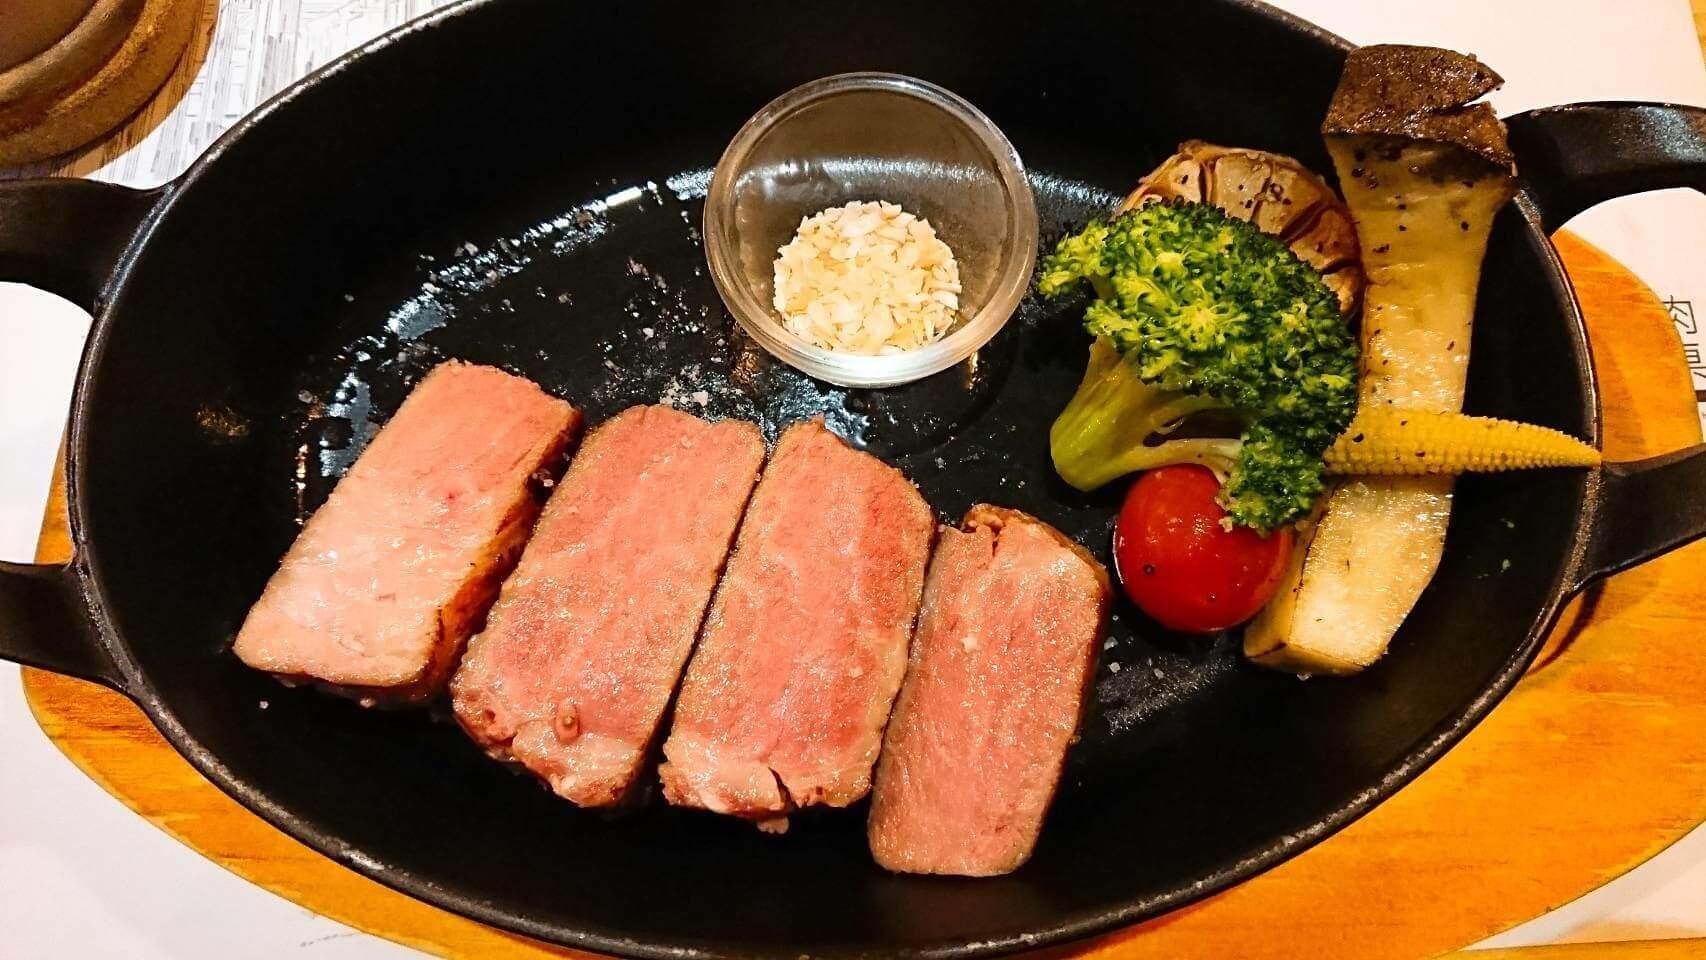 【花蓮市區】肉肉餐桌–想要大口吃肉來這家就對了,品質好又有舒適環境